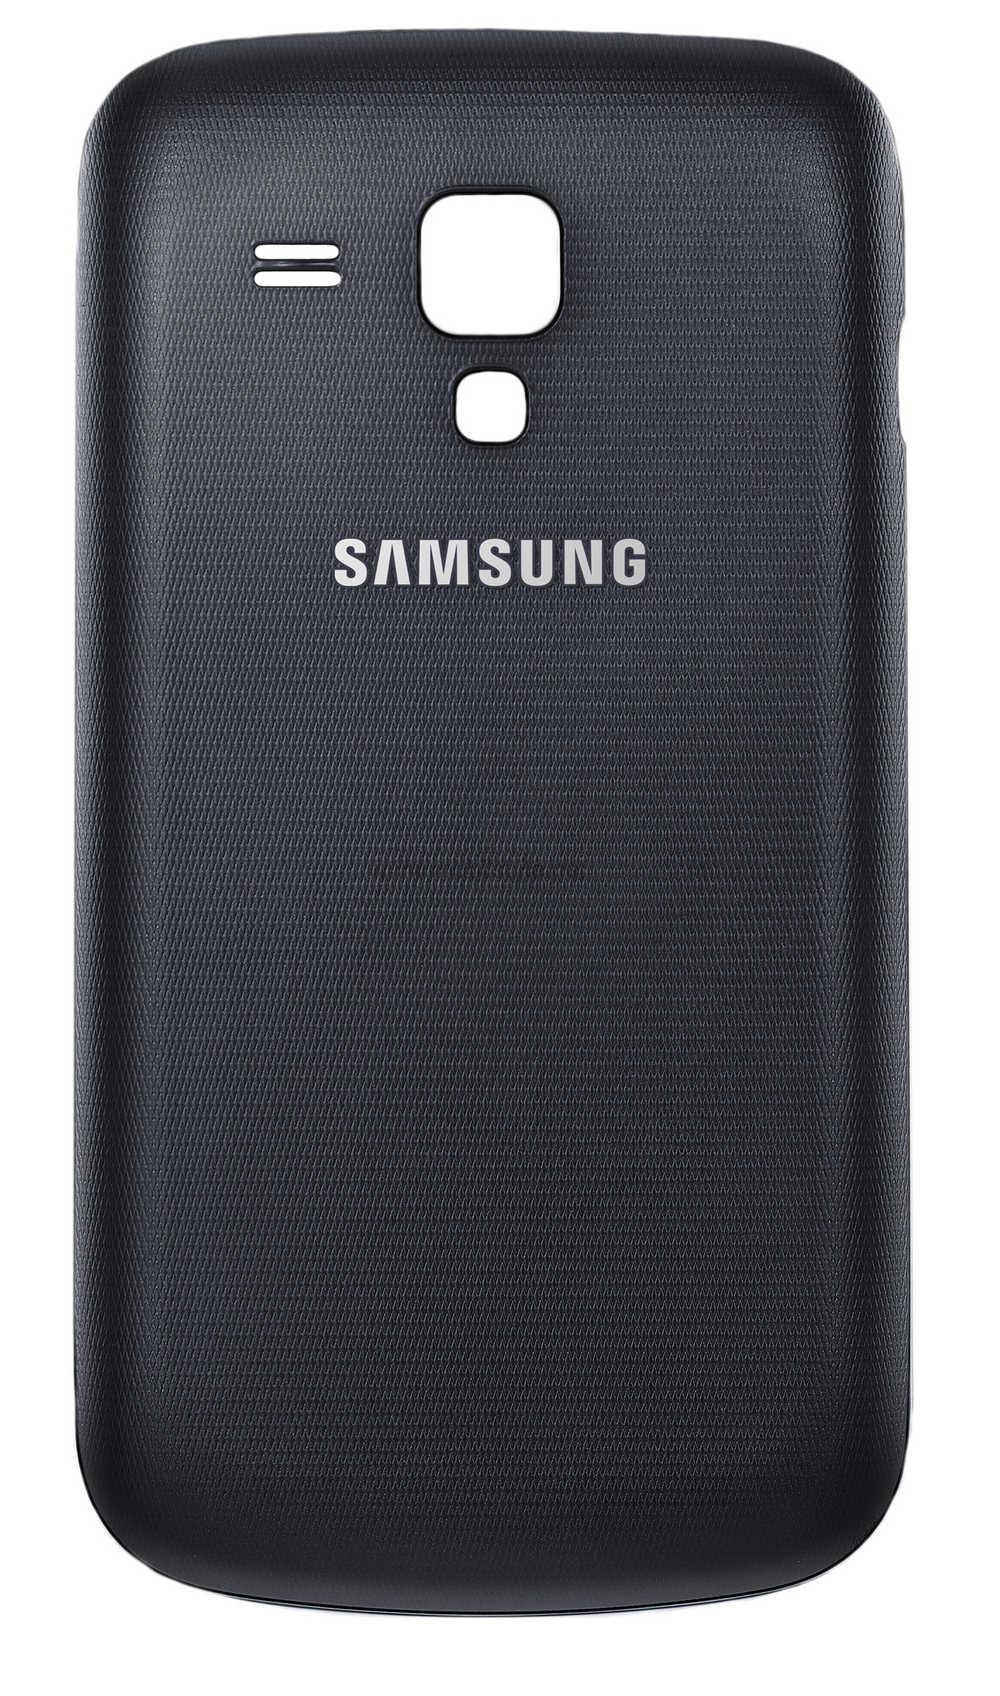 Καπάκι Μπαταρίας Samsung S7562 Galaxy S Duos Μαύρο Original GH98-24359A